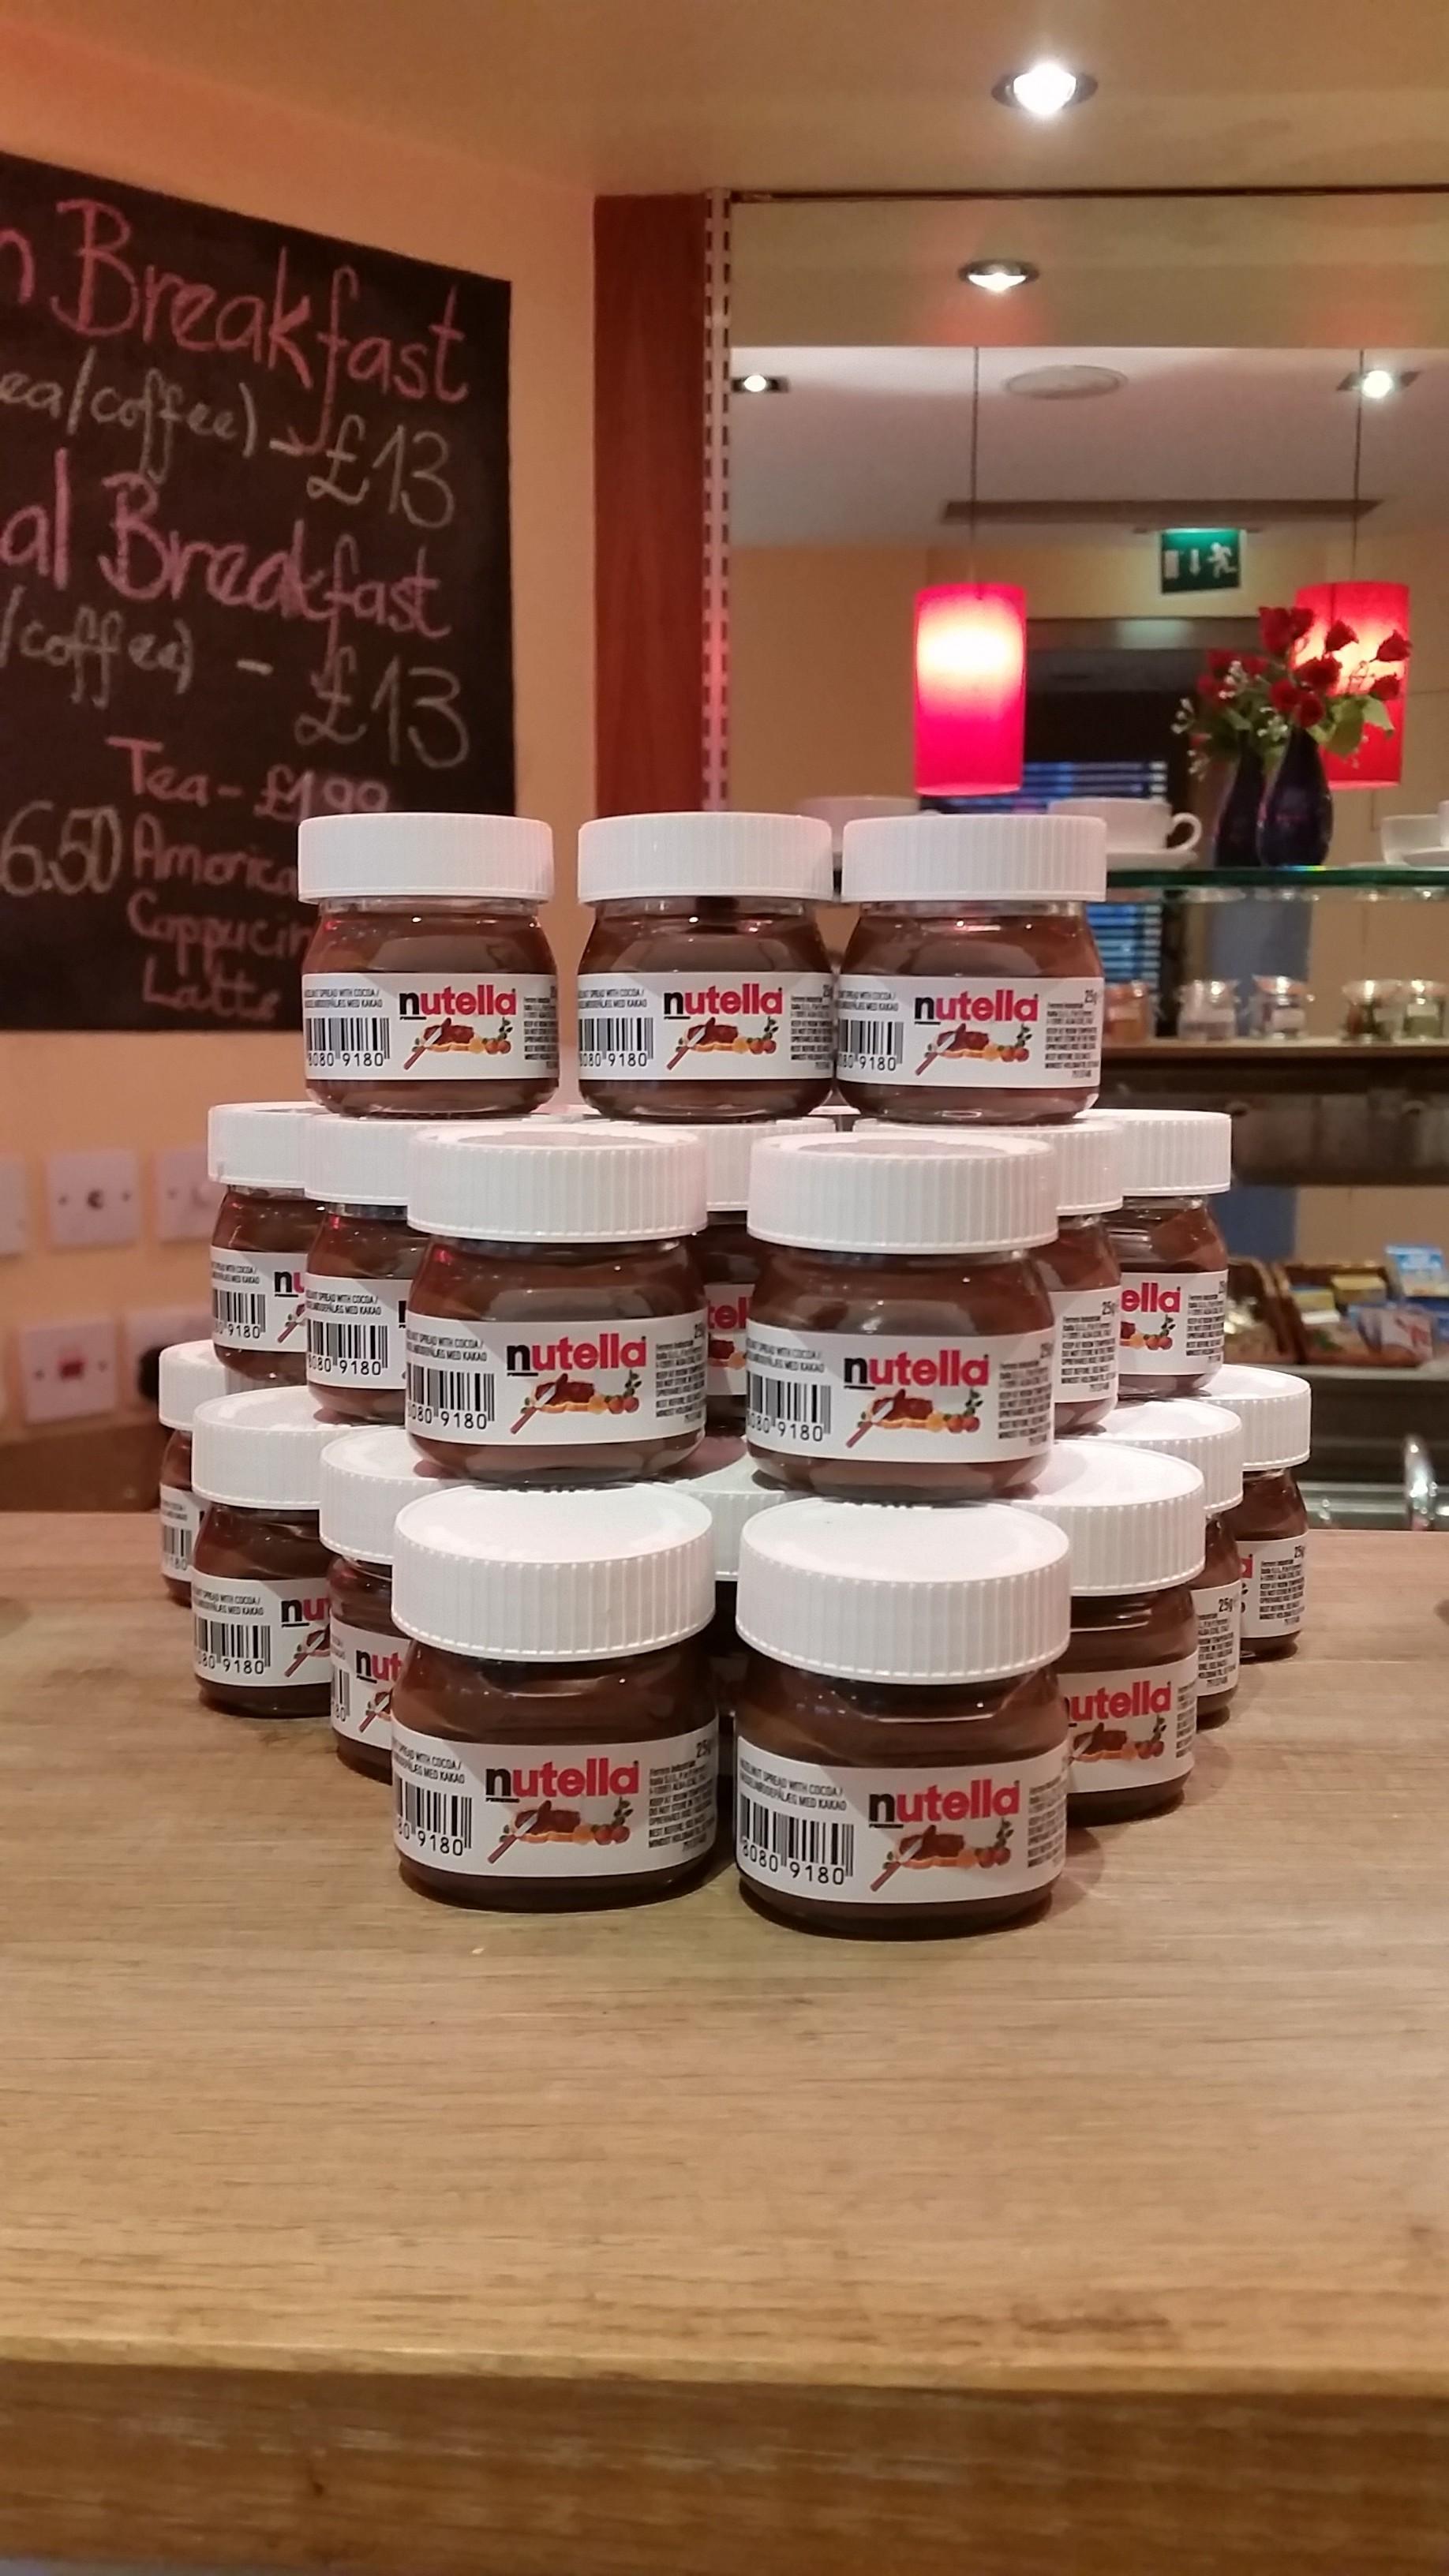 20181205_133700.jpg - Jars of Nutella